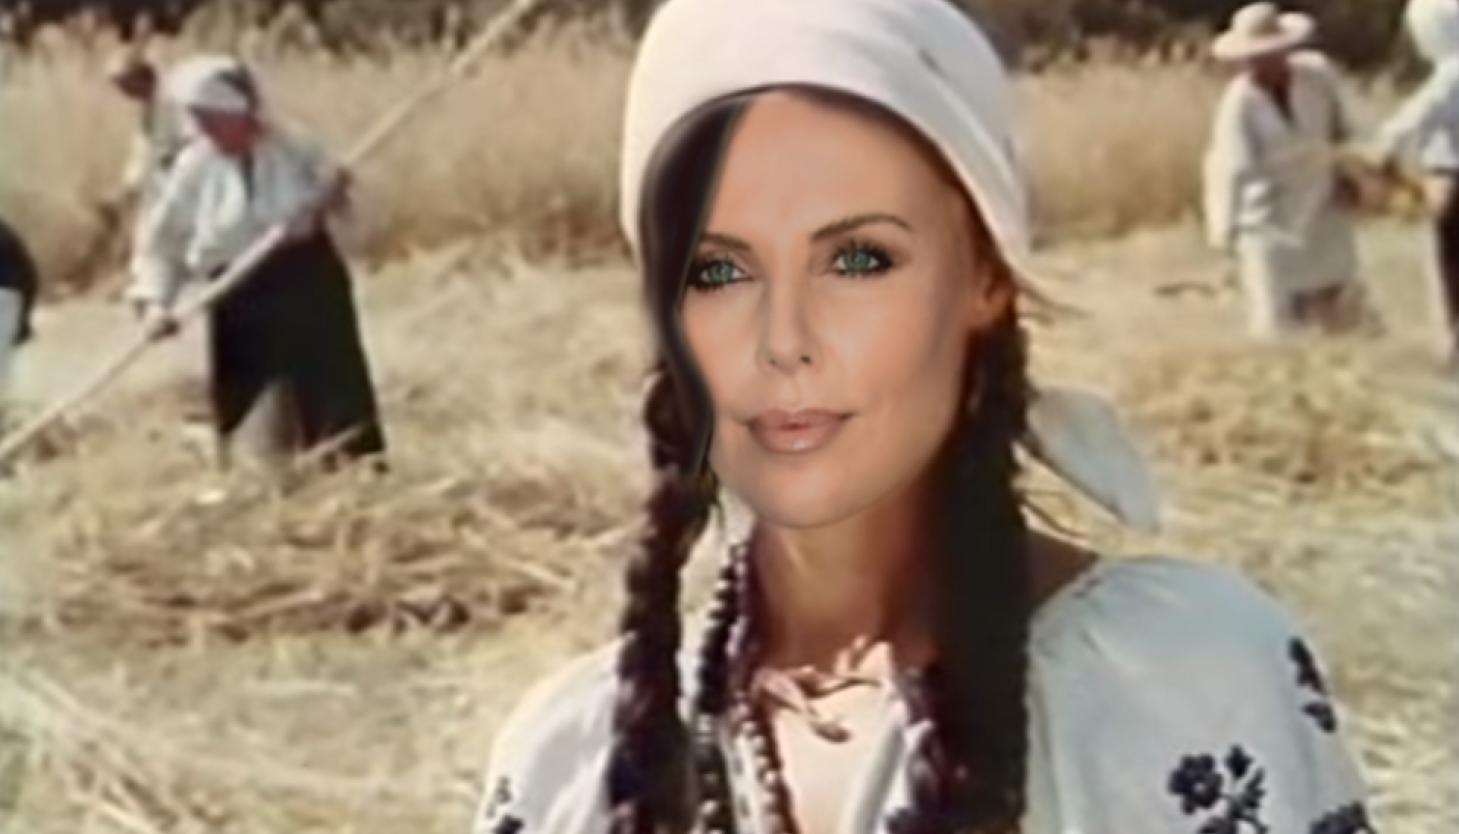 Проголосуй за голливудских звезд в украинских блокбастерах